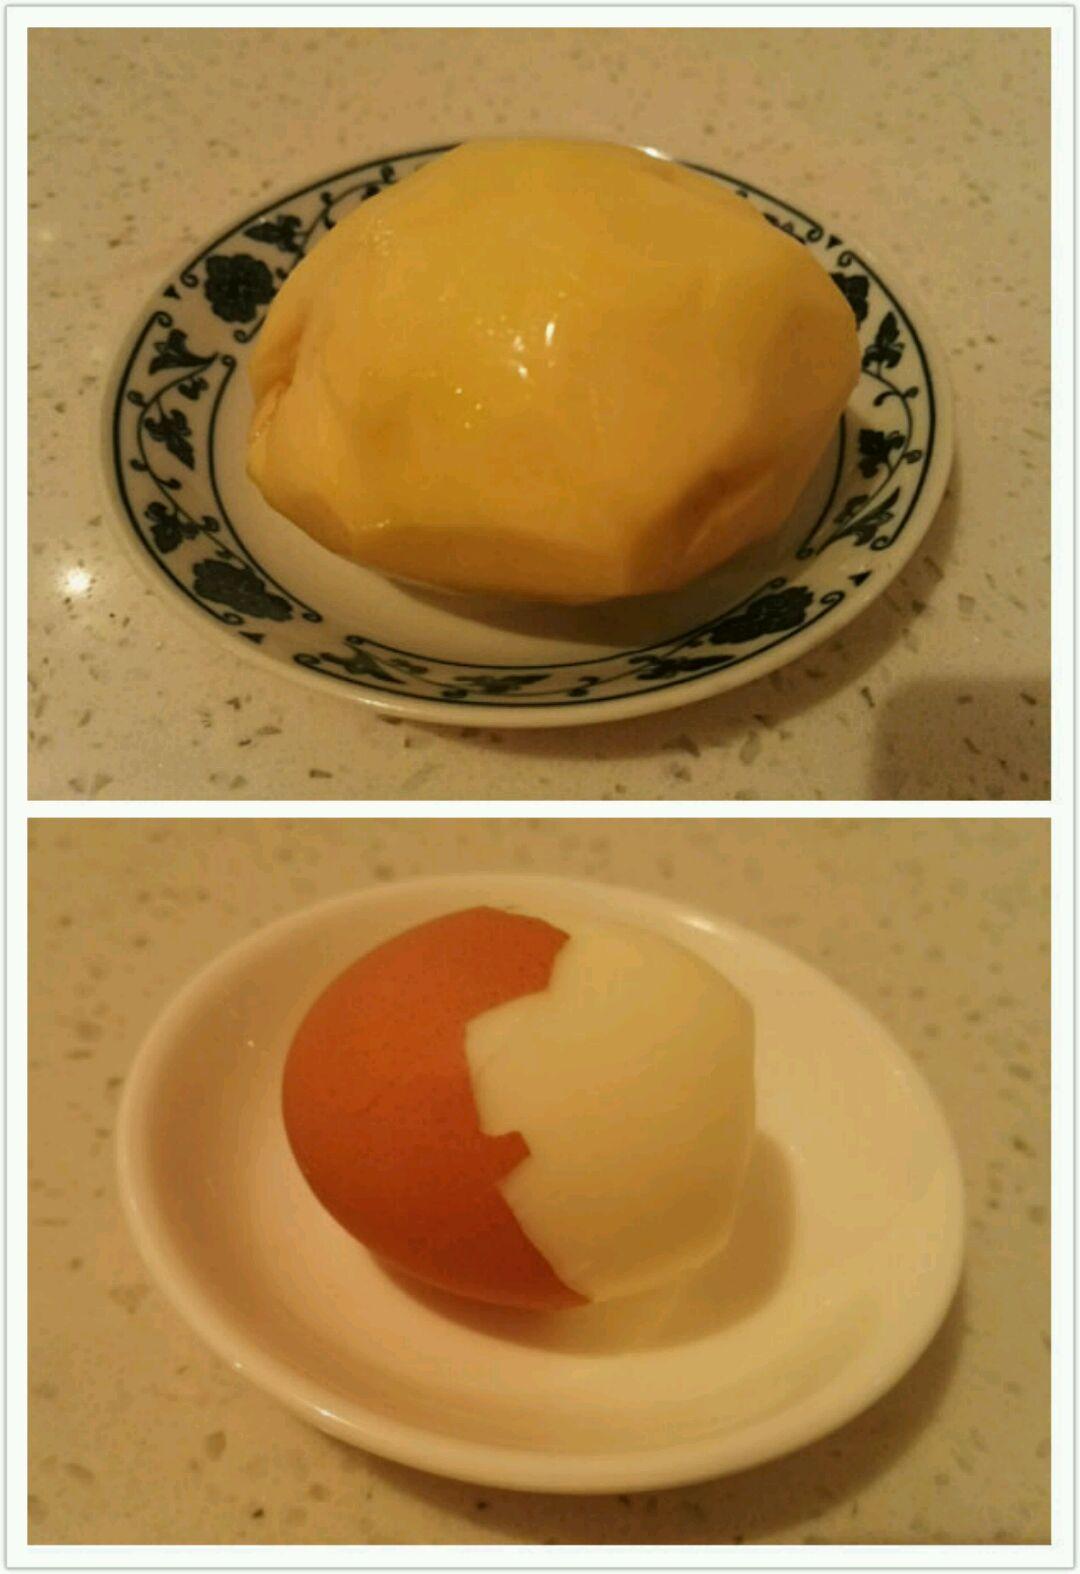 将土豆削皮,煮鸡蛋剥皮后备用